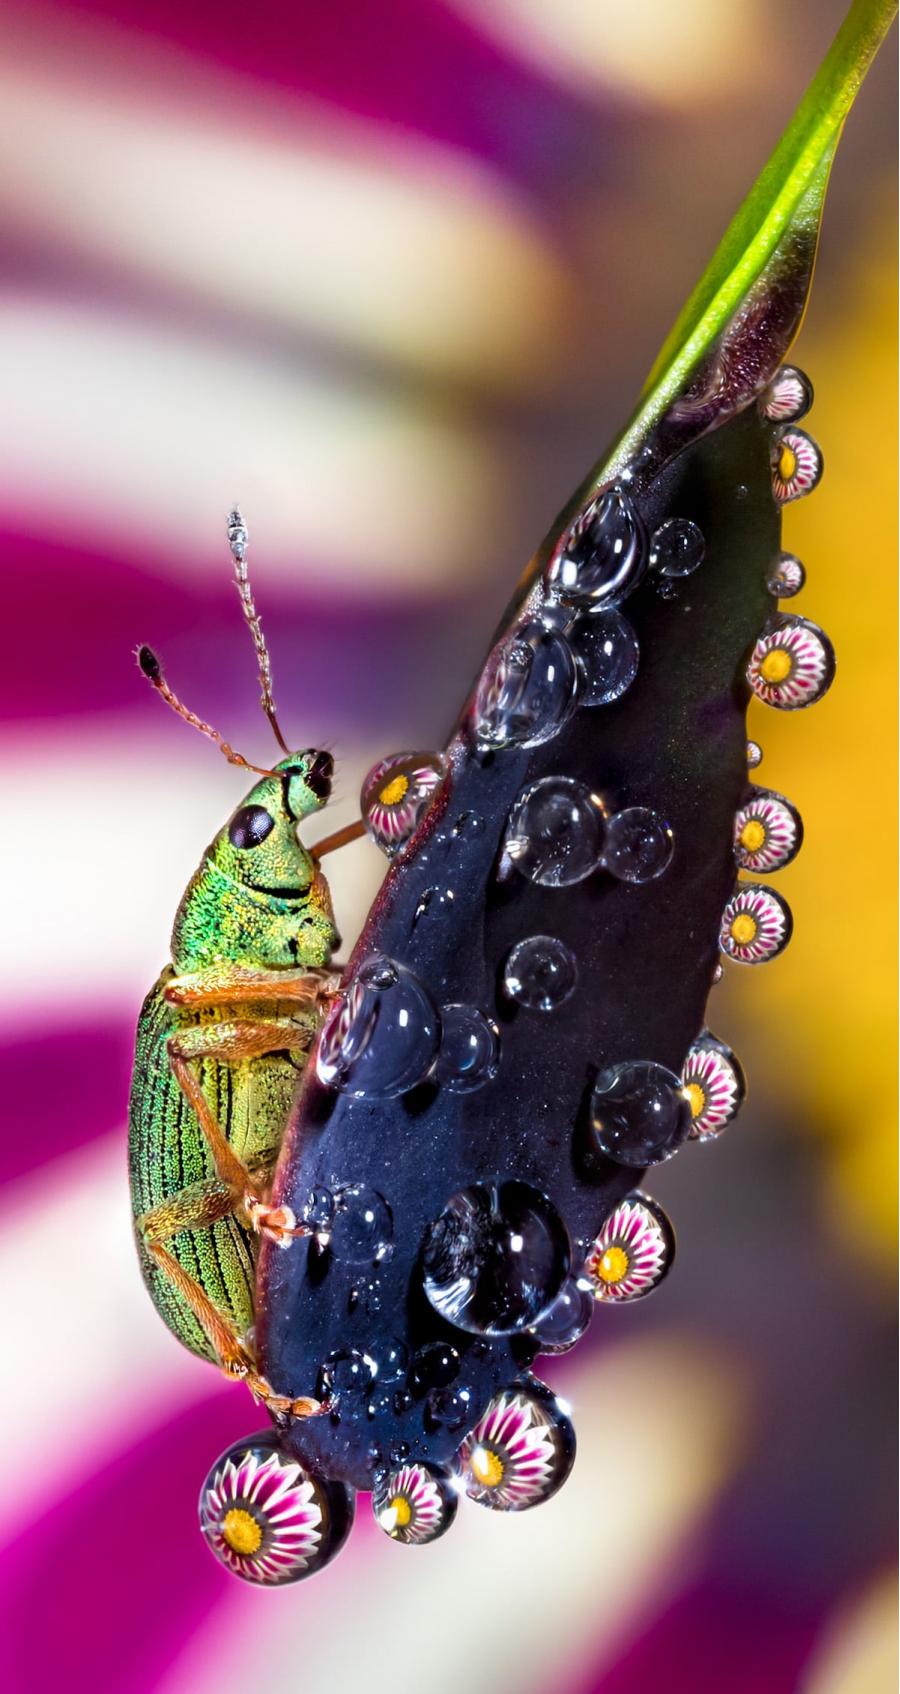 Cum se oglindeste frumusetea naturii in picaturi limpezi de apa - Poza 8